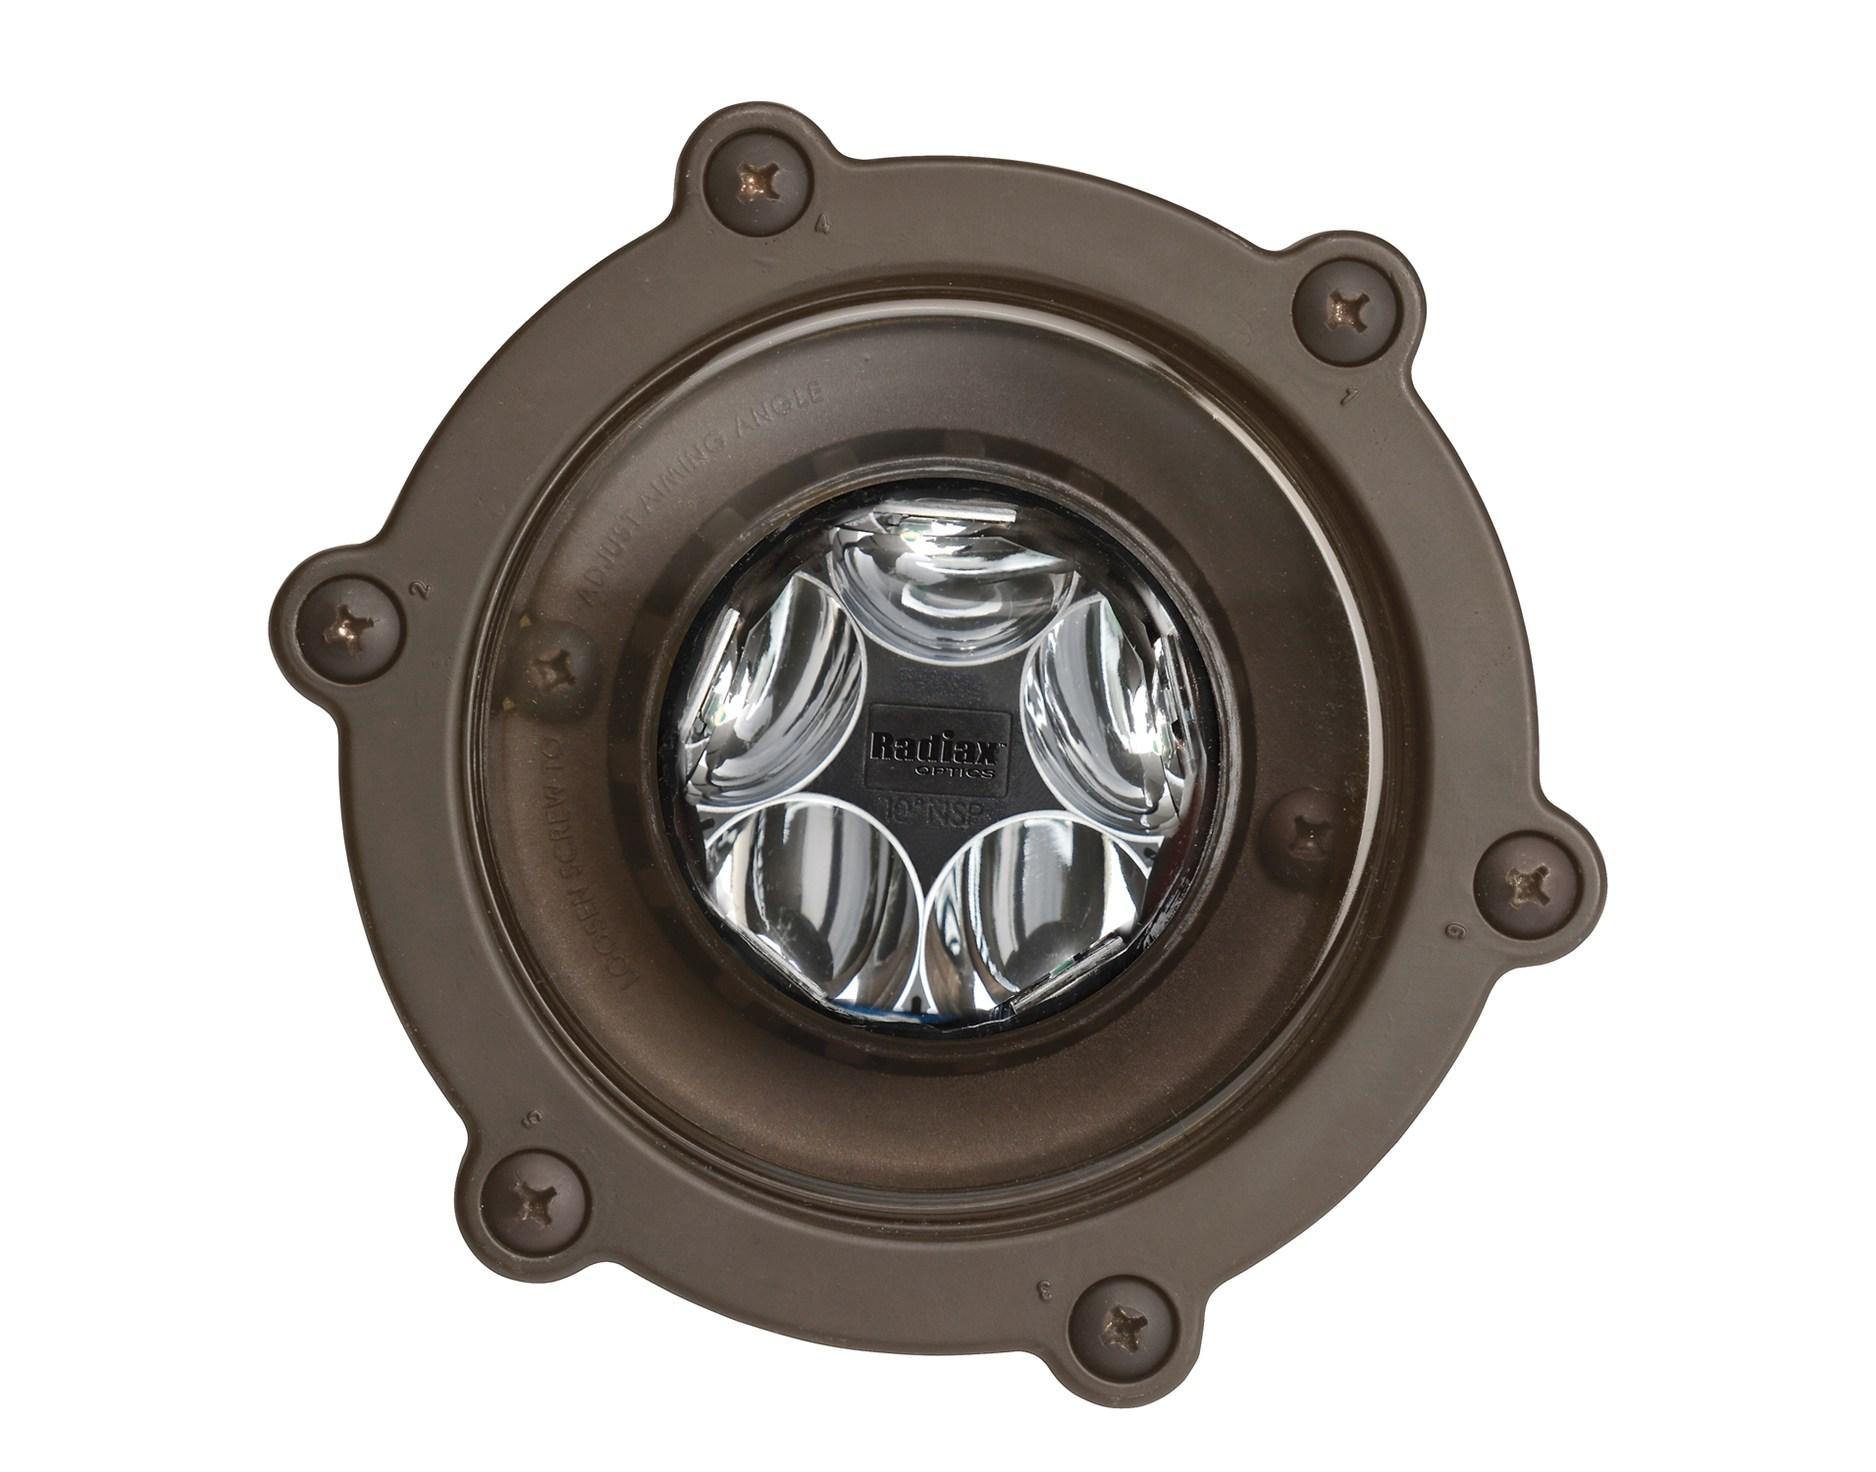 12V LED 14W 60 Deg Wfl Well 30 BBR